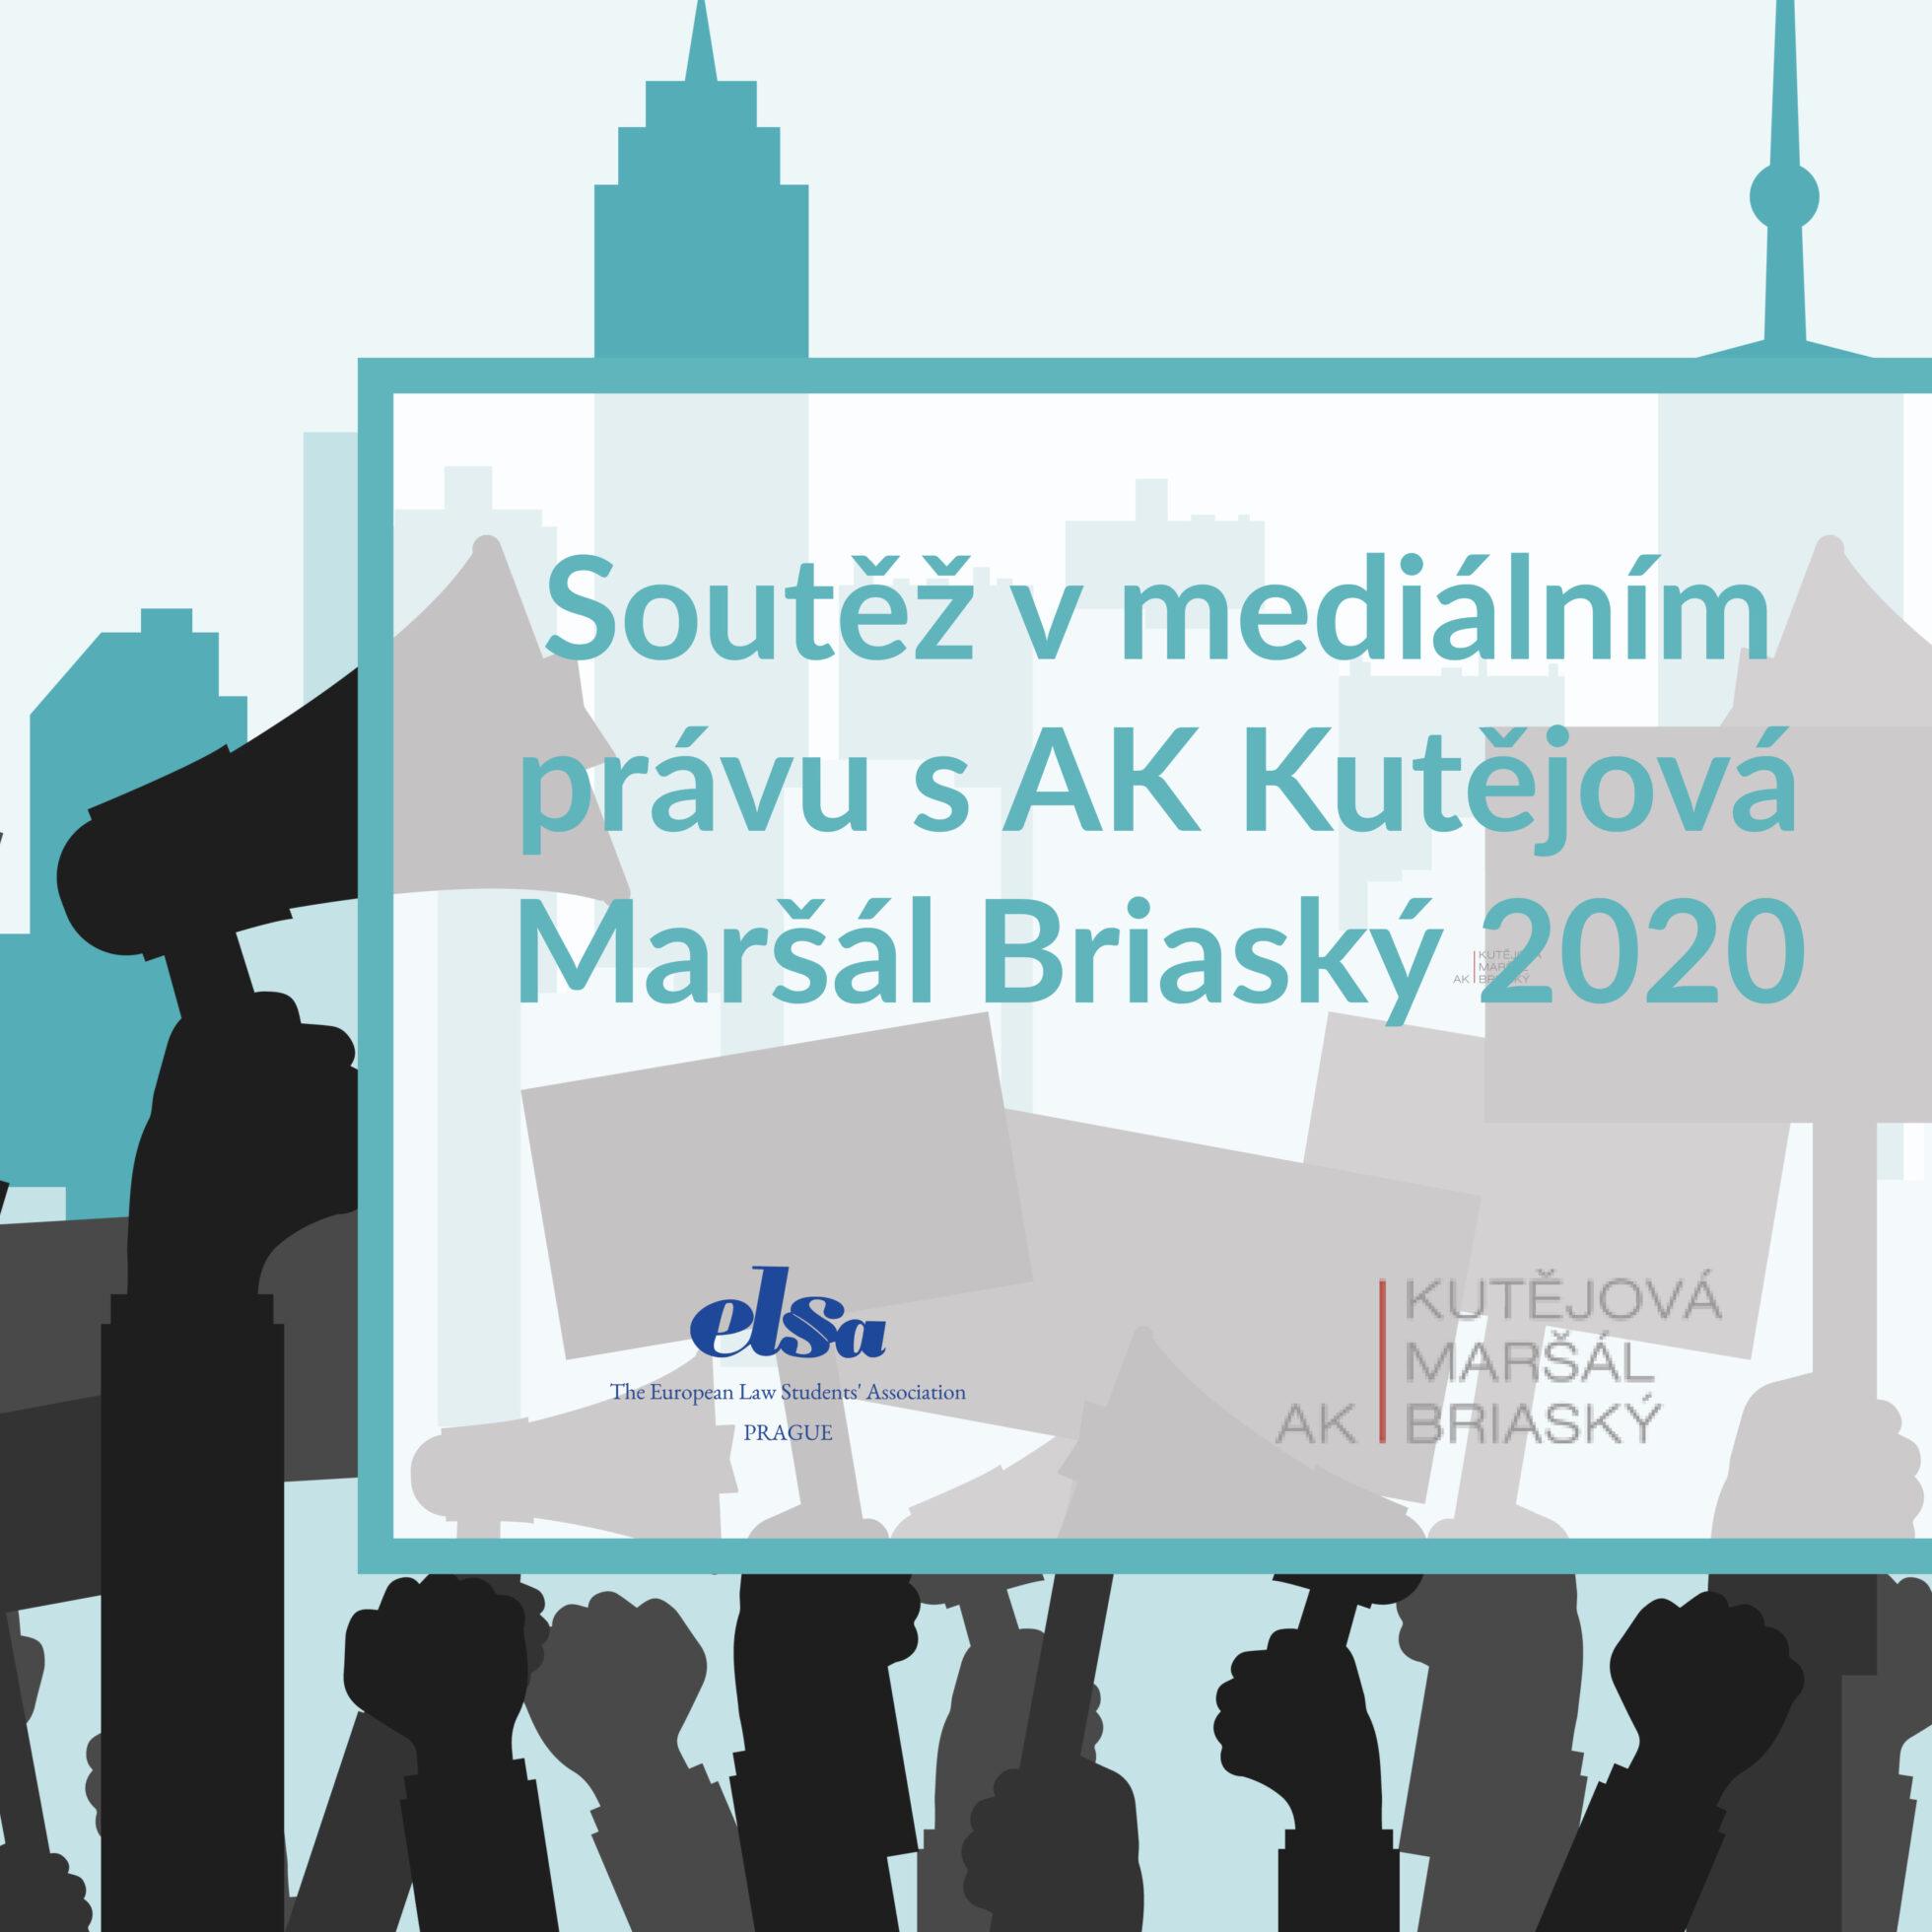 Soutěž v mediálním právu s AK Kutějová Maršál Briaský 2020